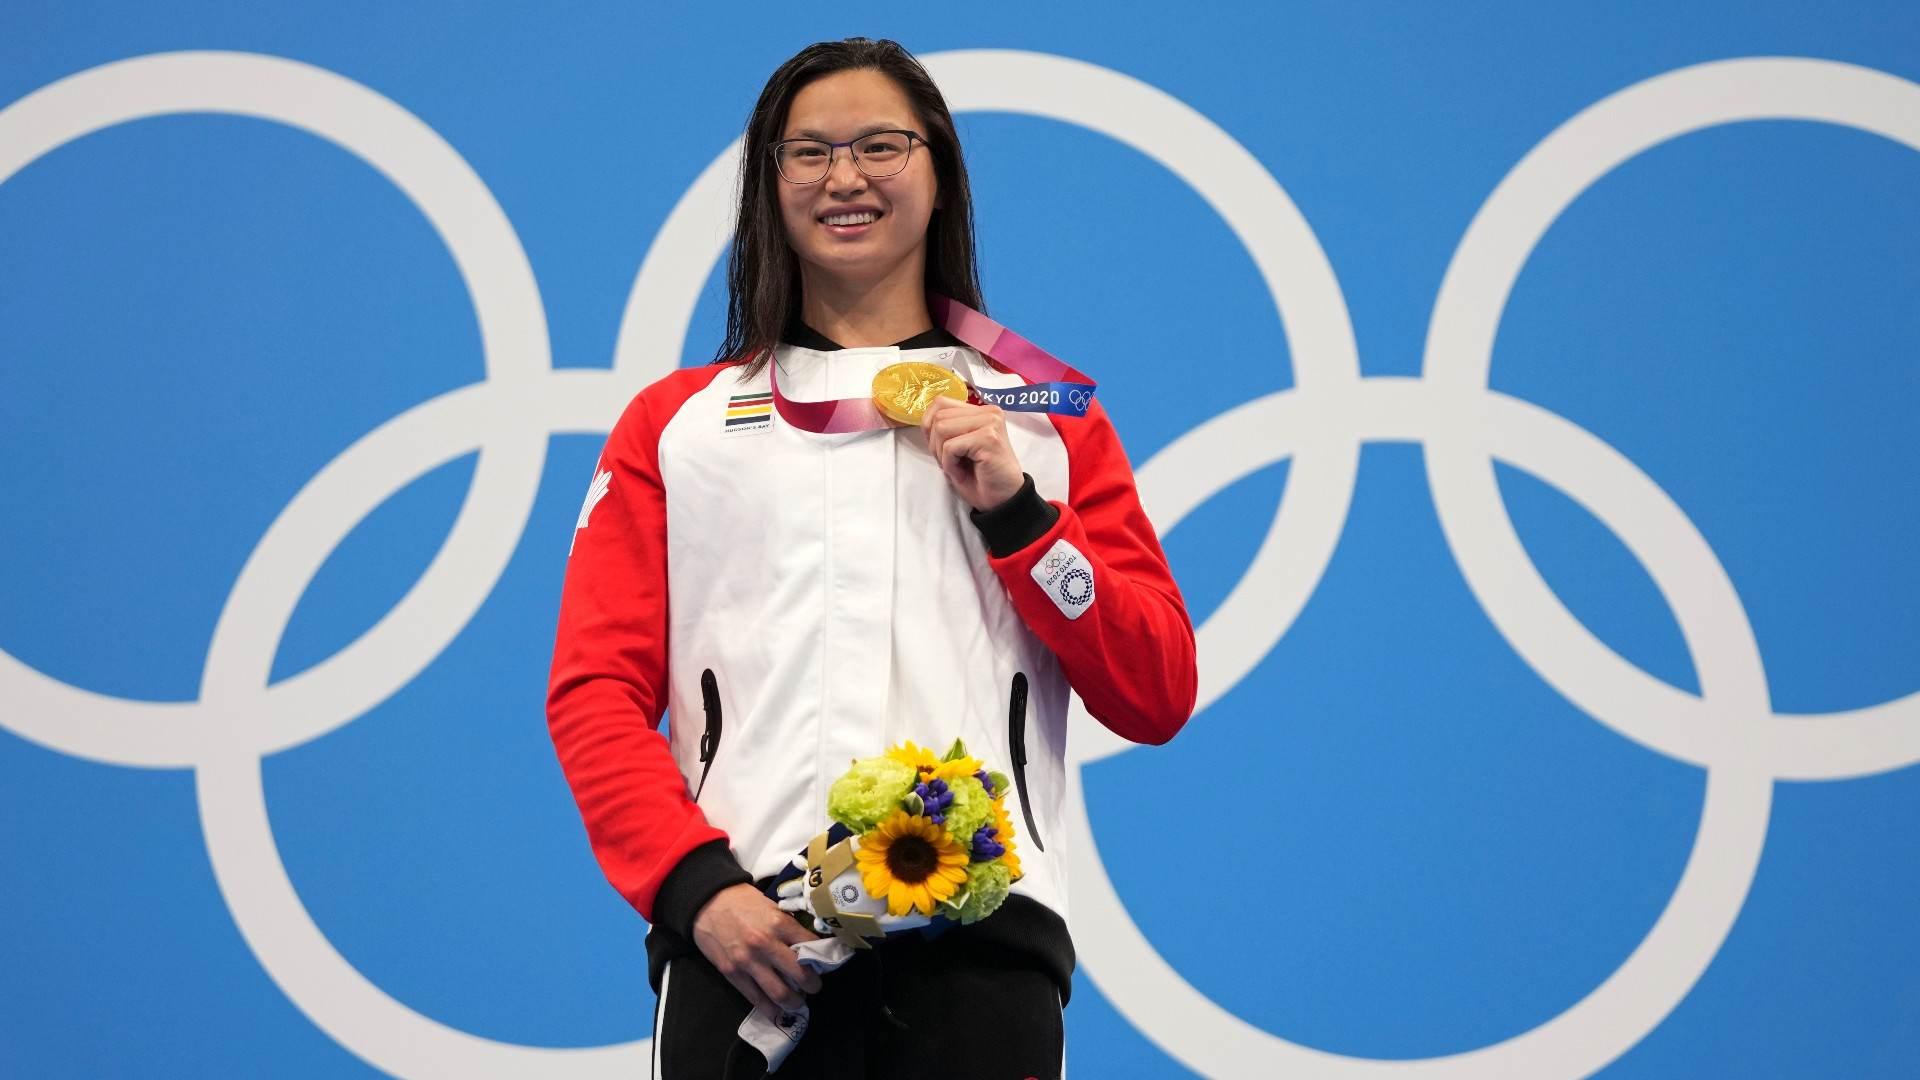 Margaret MacNeil, do Canadá, venceu o ouro olímpico nos 100 metros borboleta